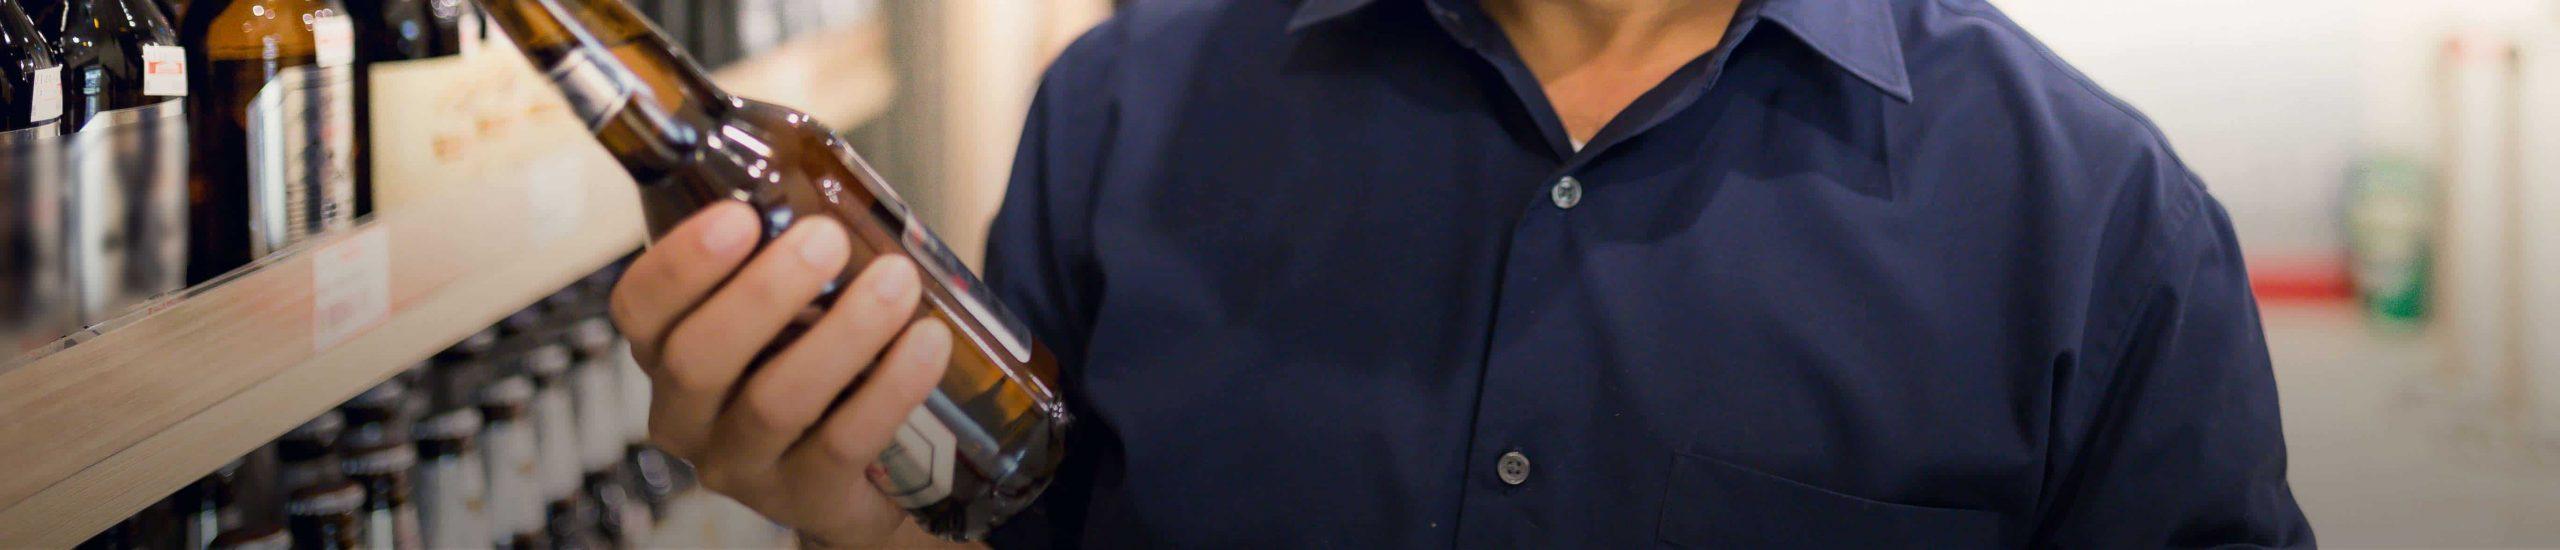 Beverage Promotions Header